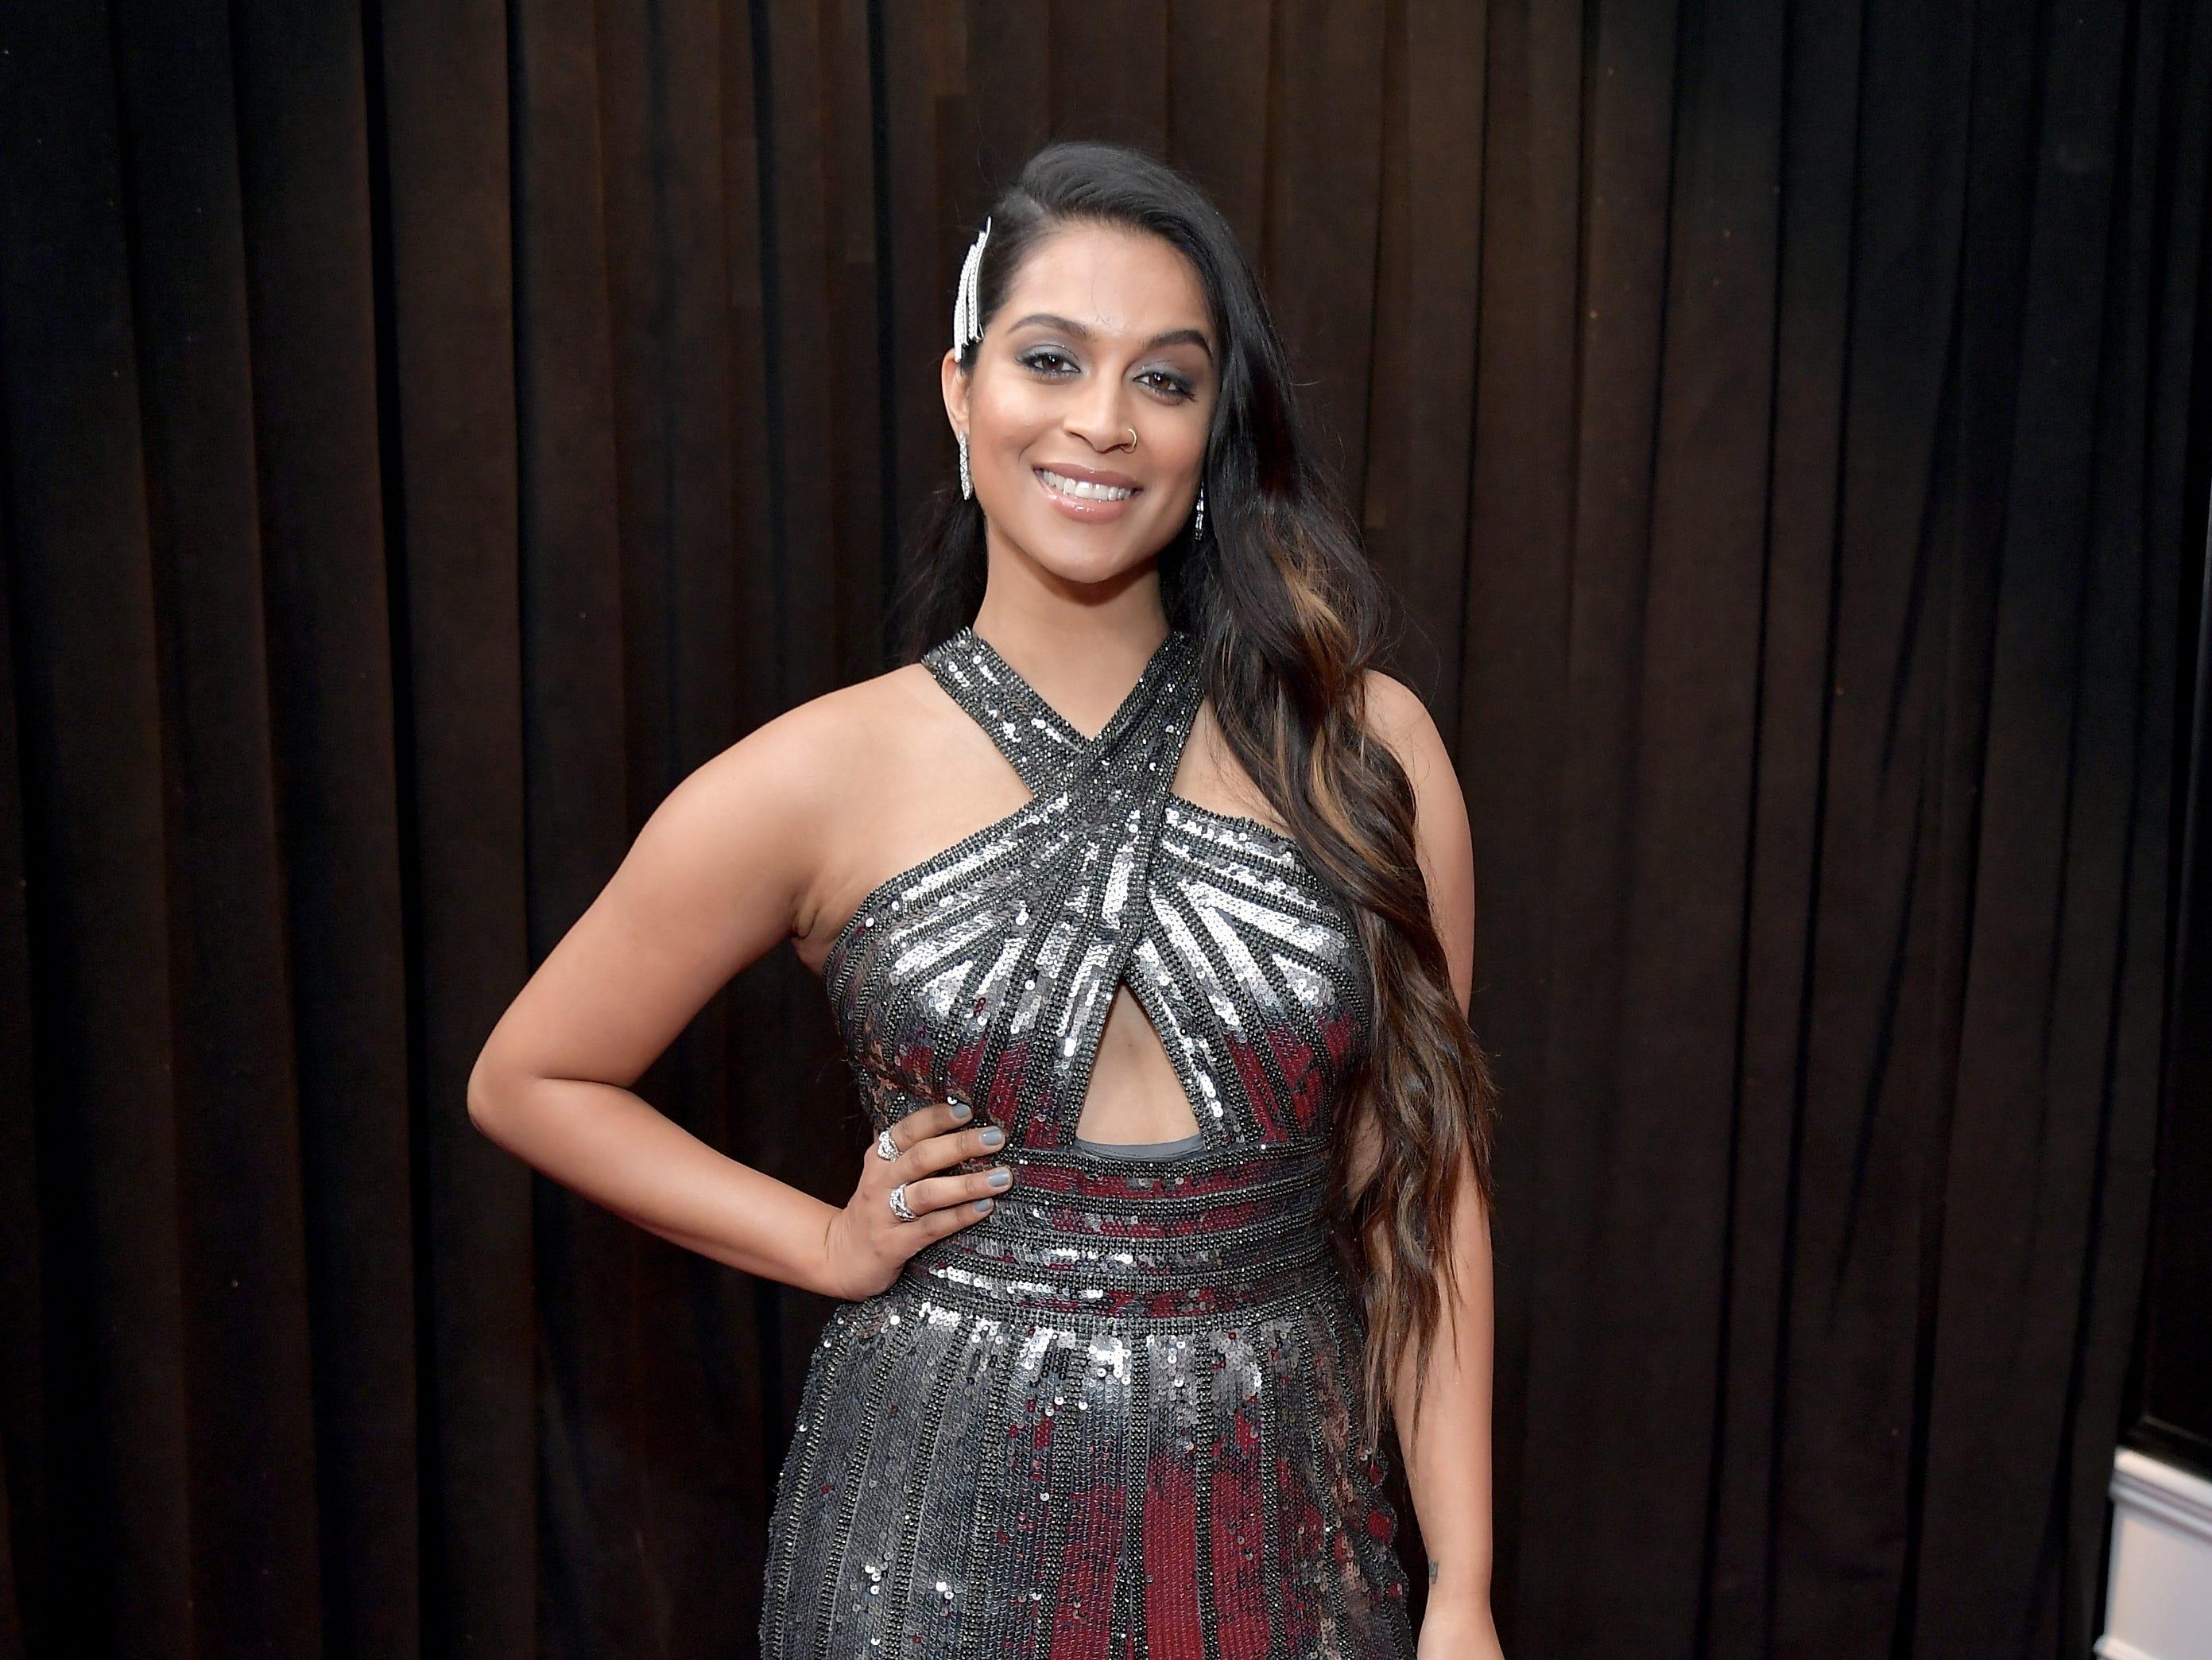 Lilly Singh asiste a la 61ª edición de los premios GRAMMY en el Staples Center el 10 de febrero de 2019 en Los Ángeles, California.